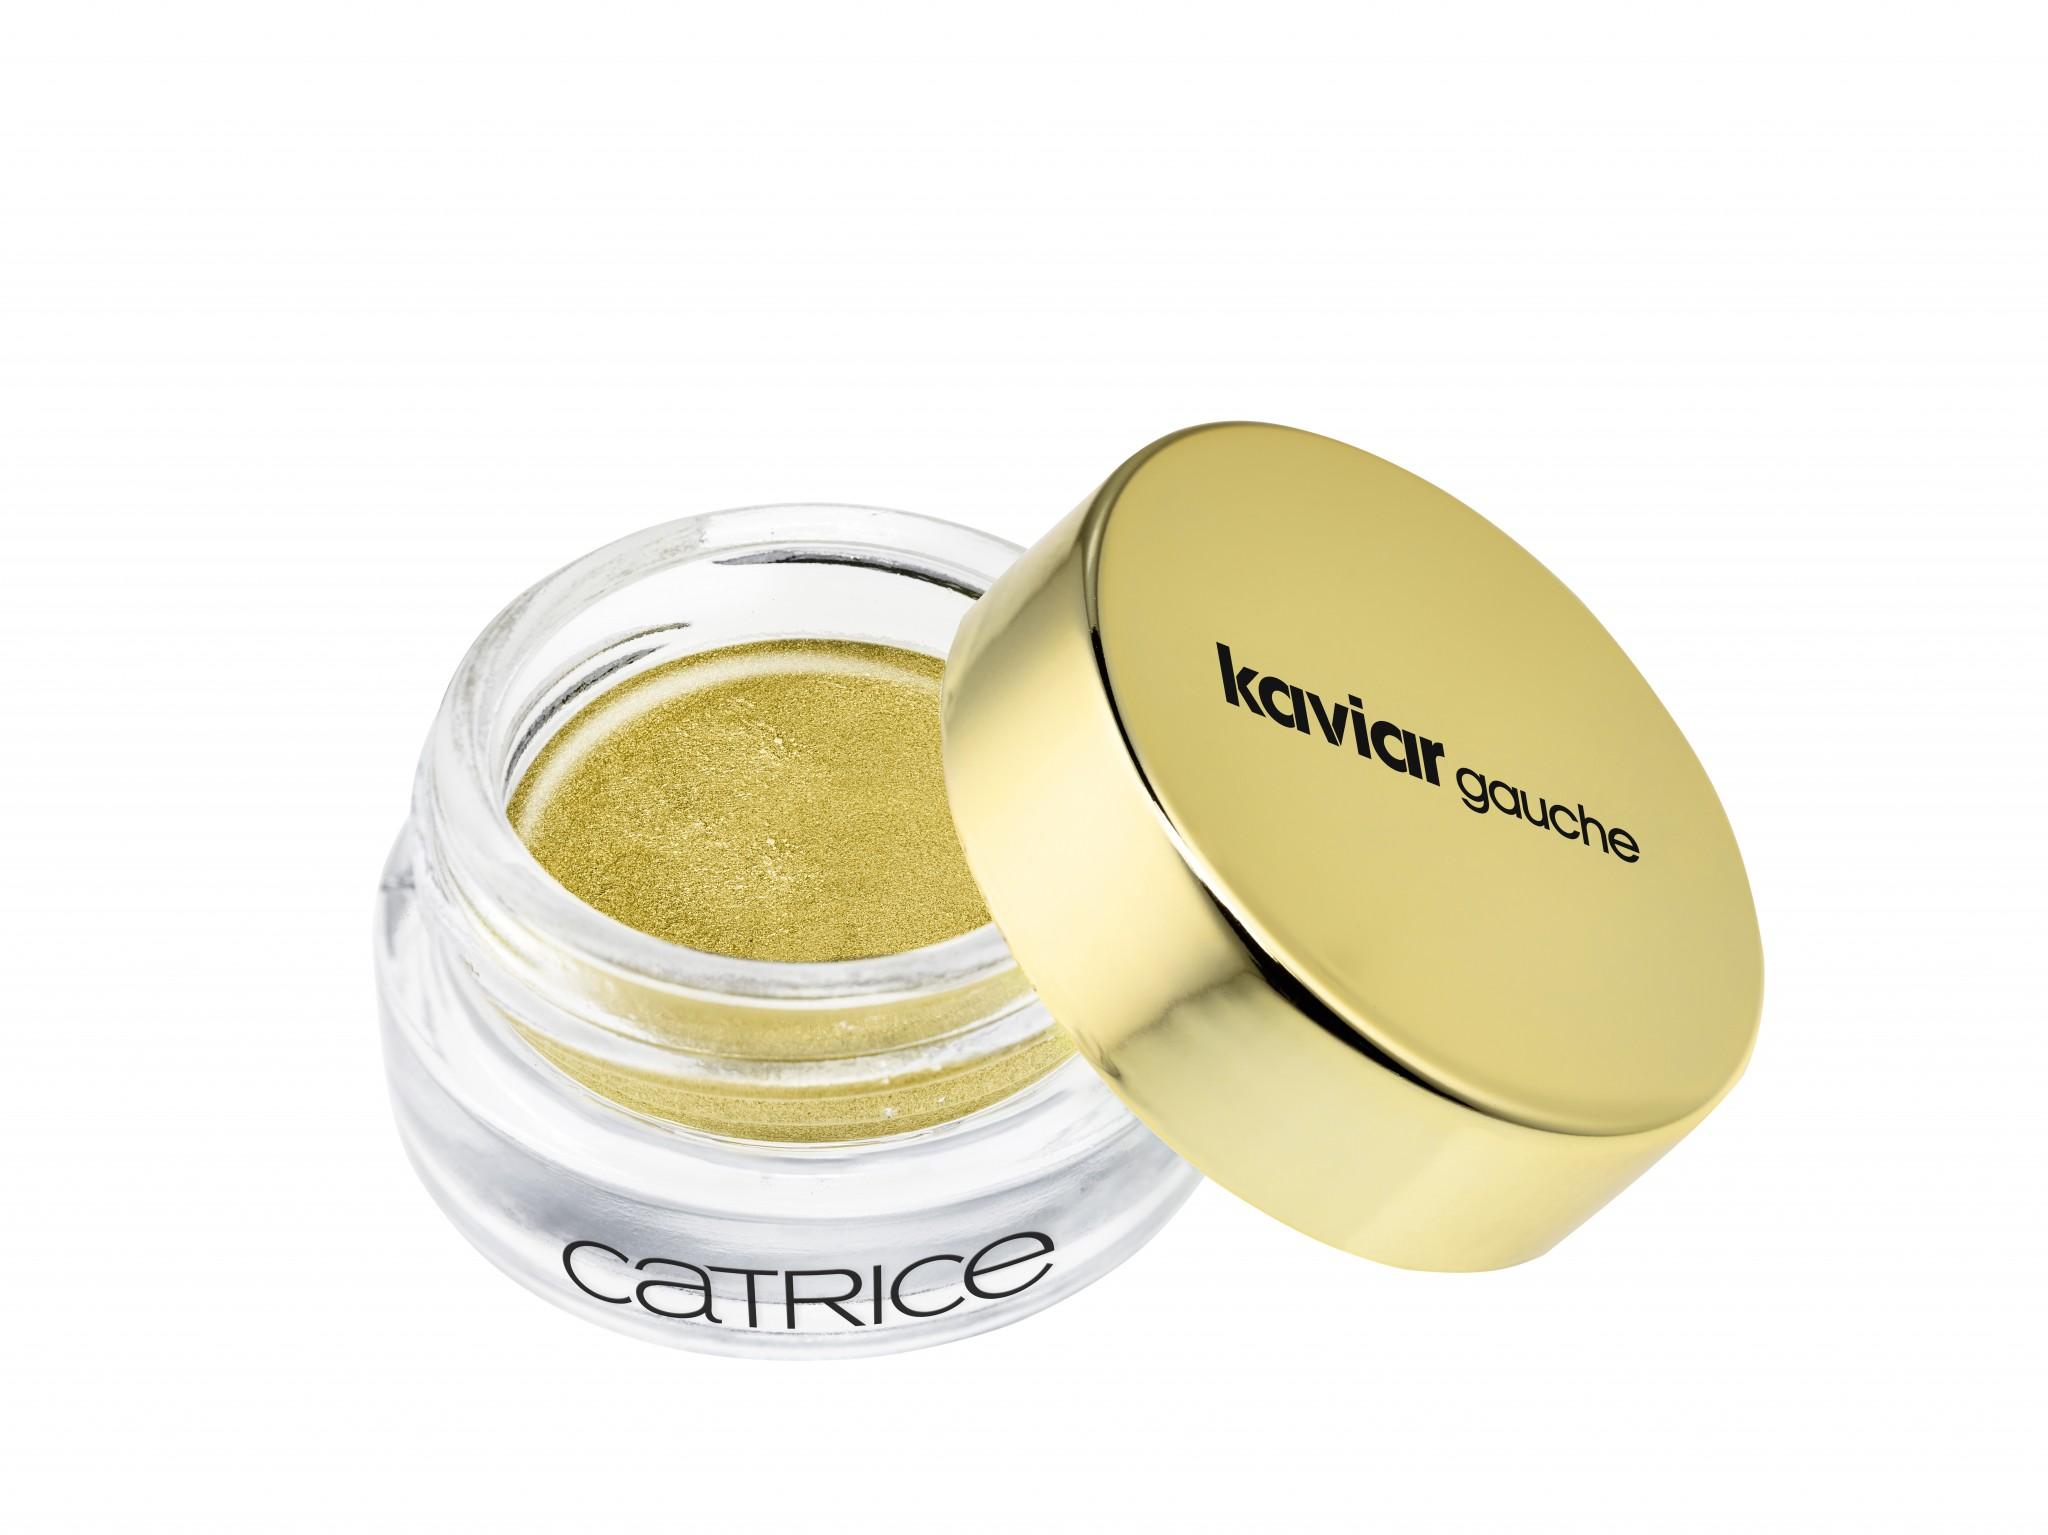 catr_kaviargauche_cream_eyesh_liner